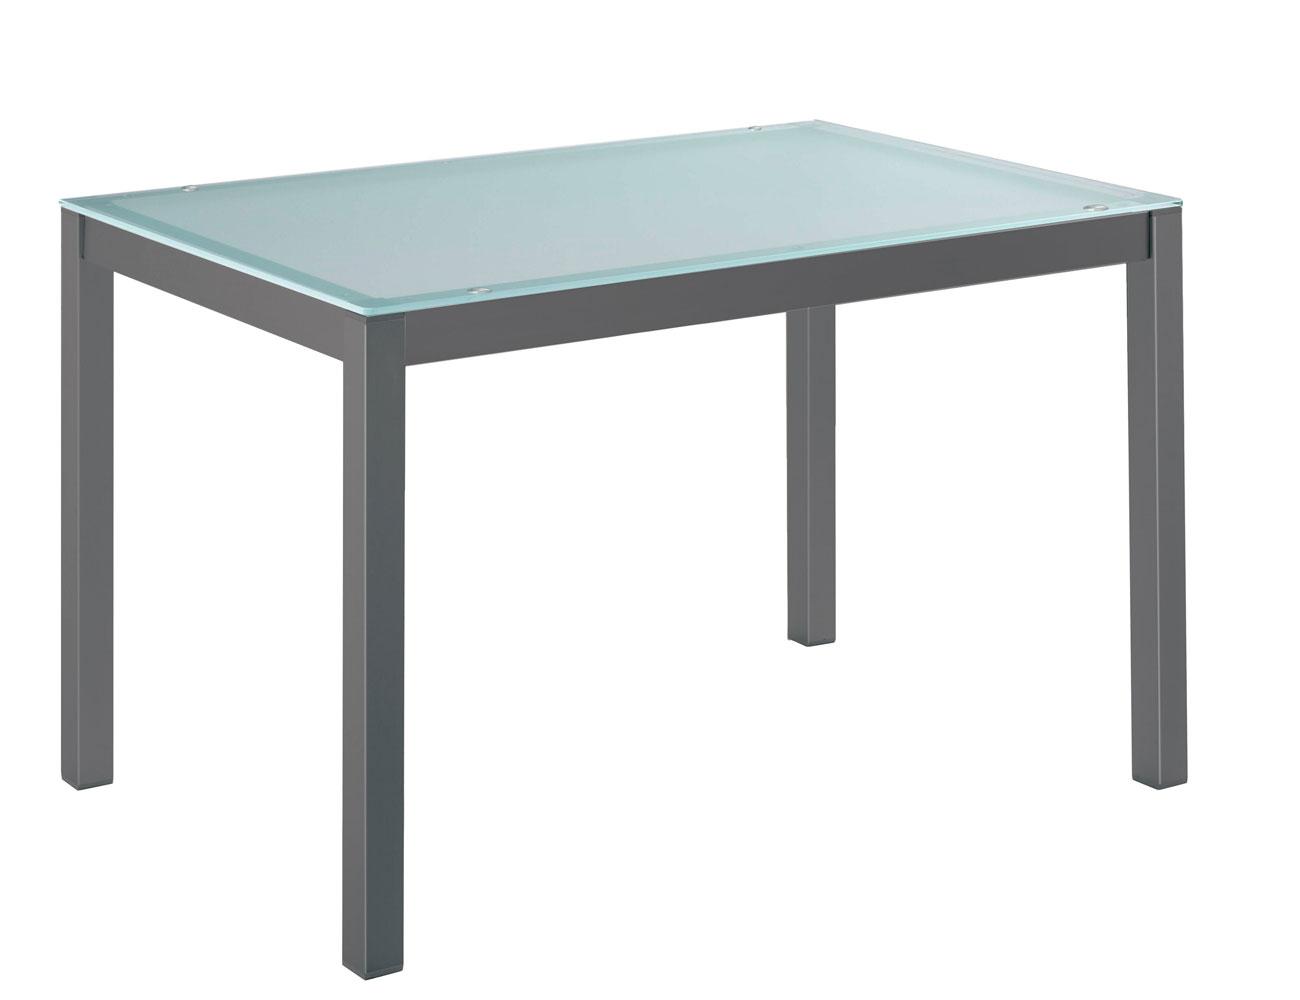 Mesa cocina cristal templado translucido 201